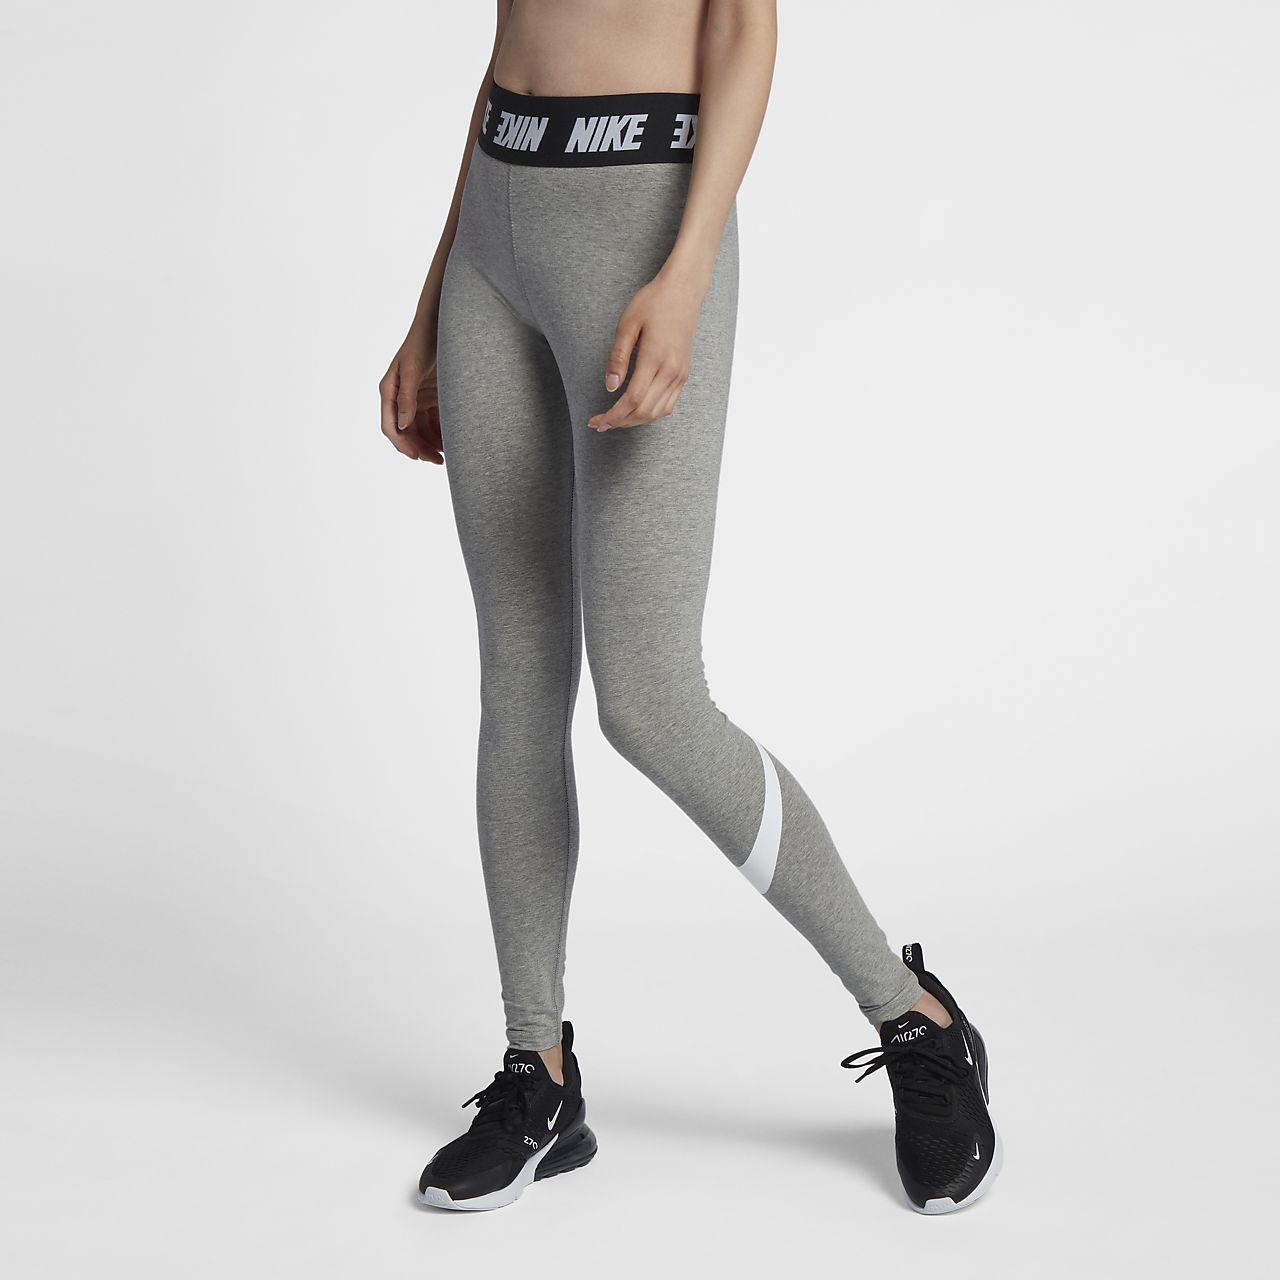 0e520aff23cd Dámské legíny Nike Sportswear Club s vysokým pasem. Nike.com CZ